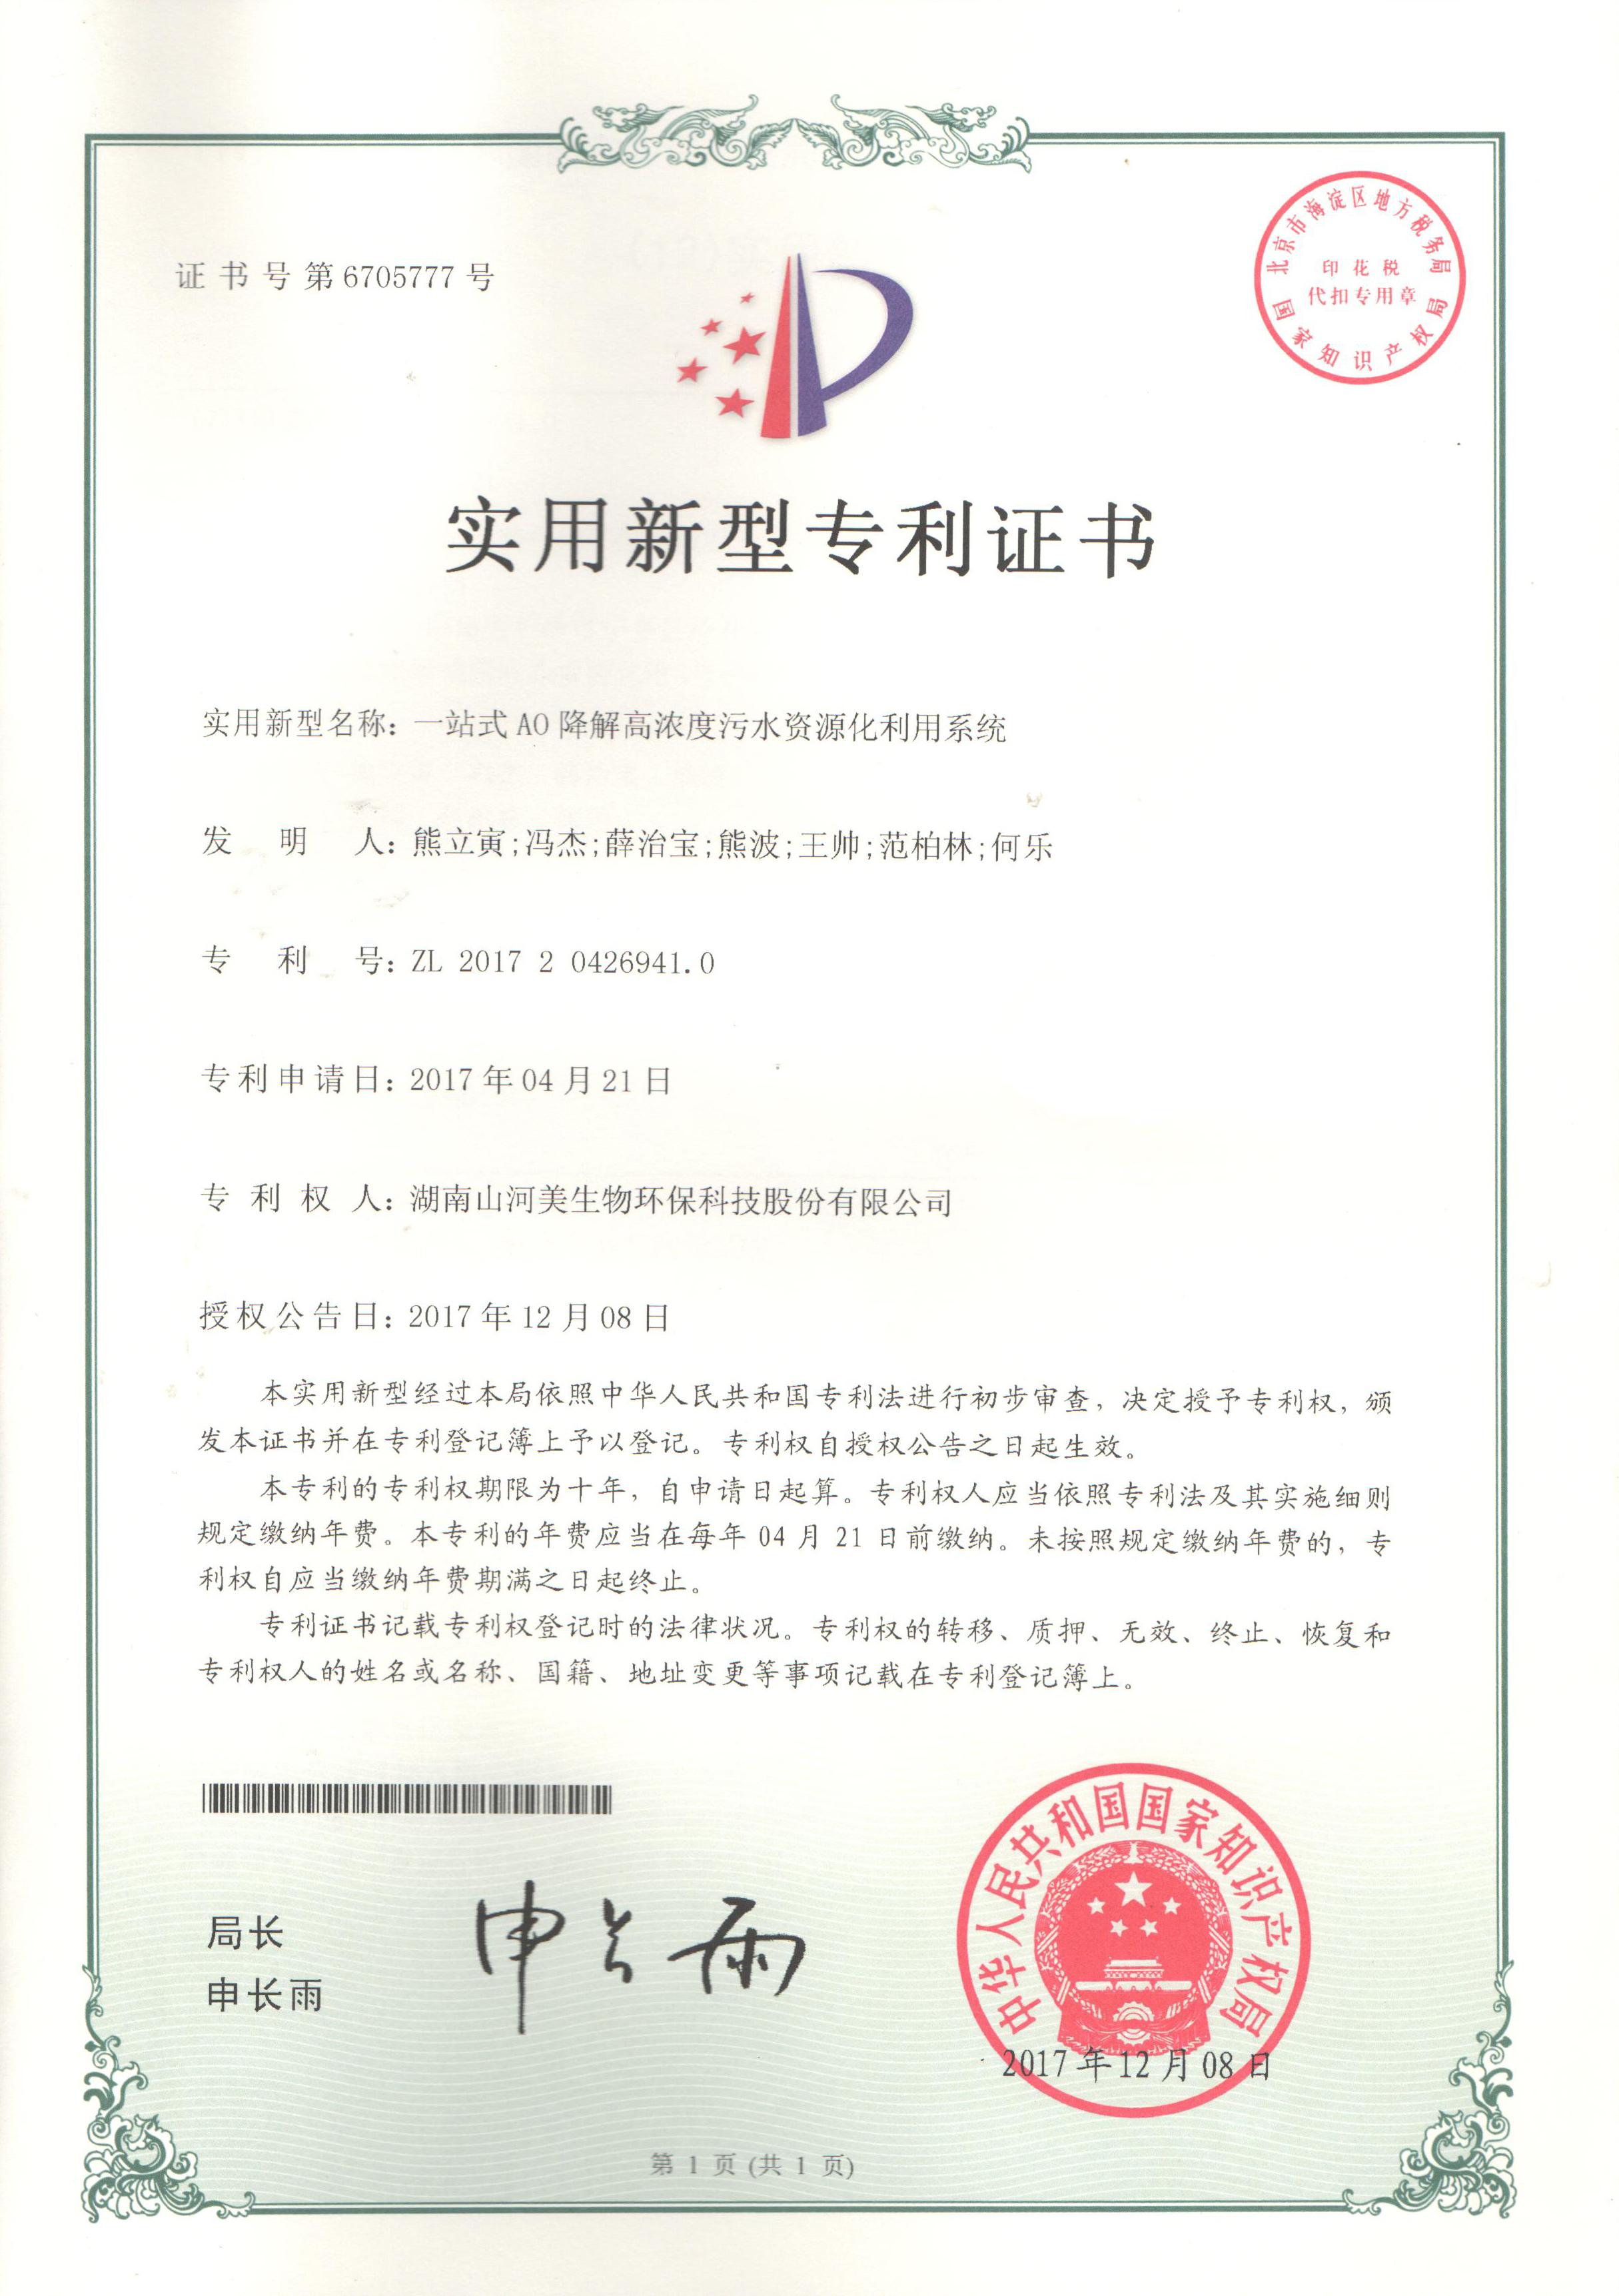 2017實用新型專利證書:一站式AO降解高濃度污染水資源化利用系統證書號第6705777號